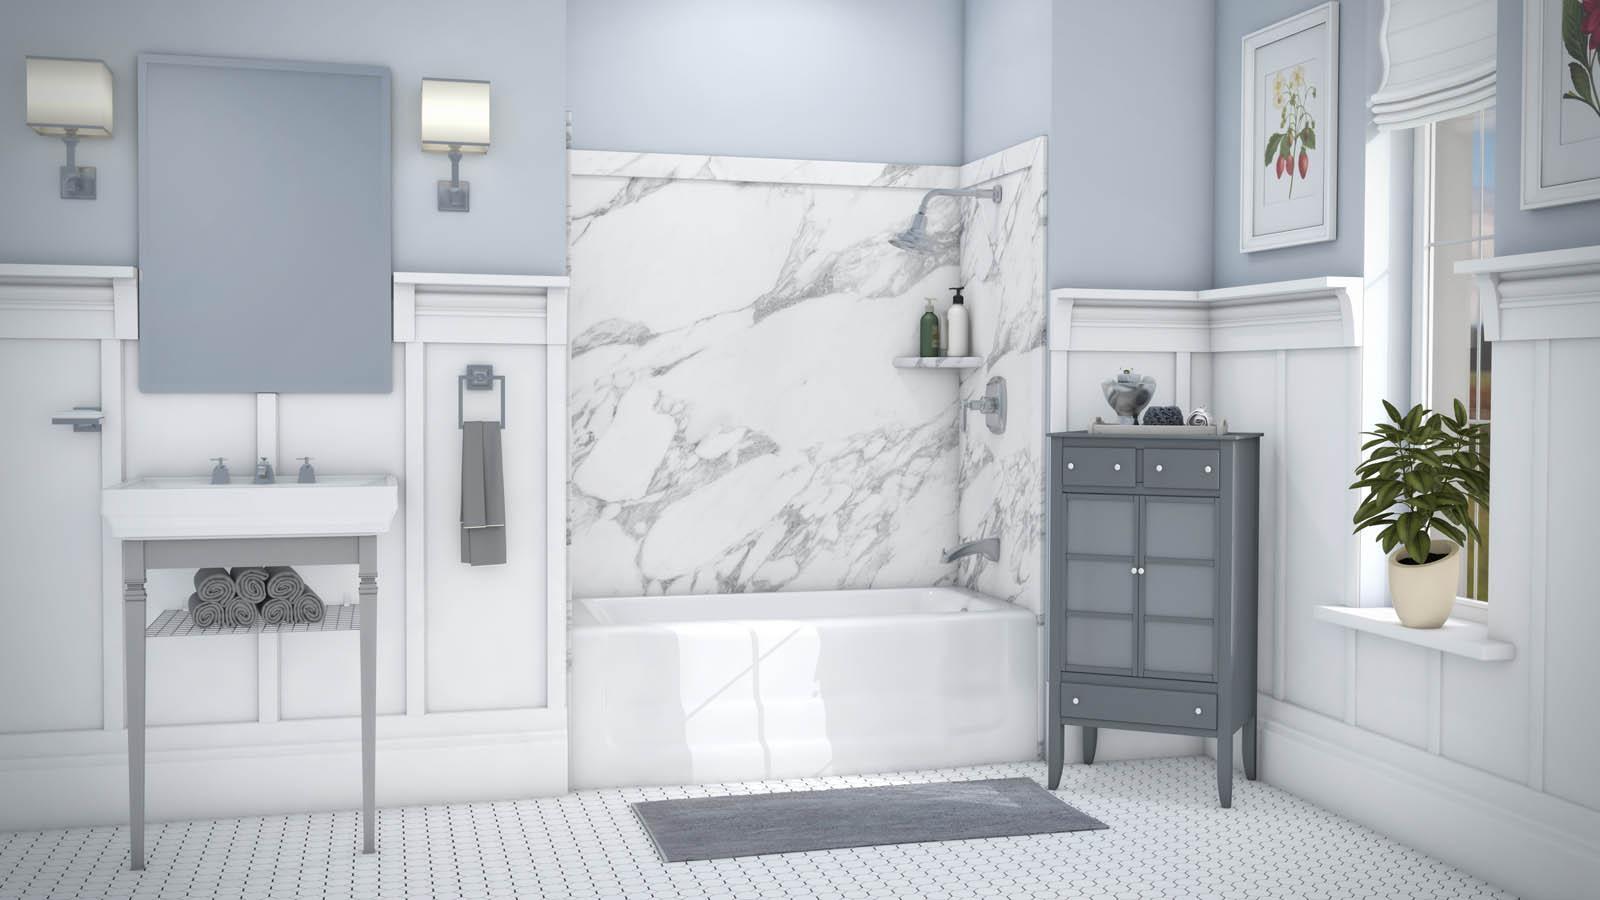 Calacatta white elite full leak detection drain for Bathroom remodel henderson nv